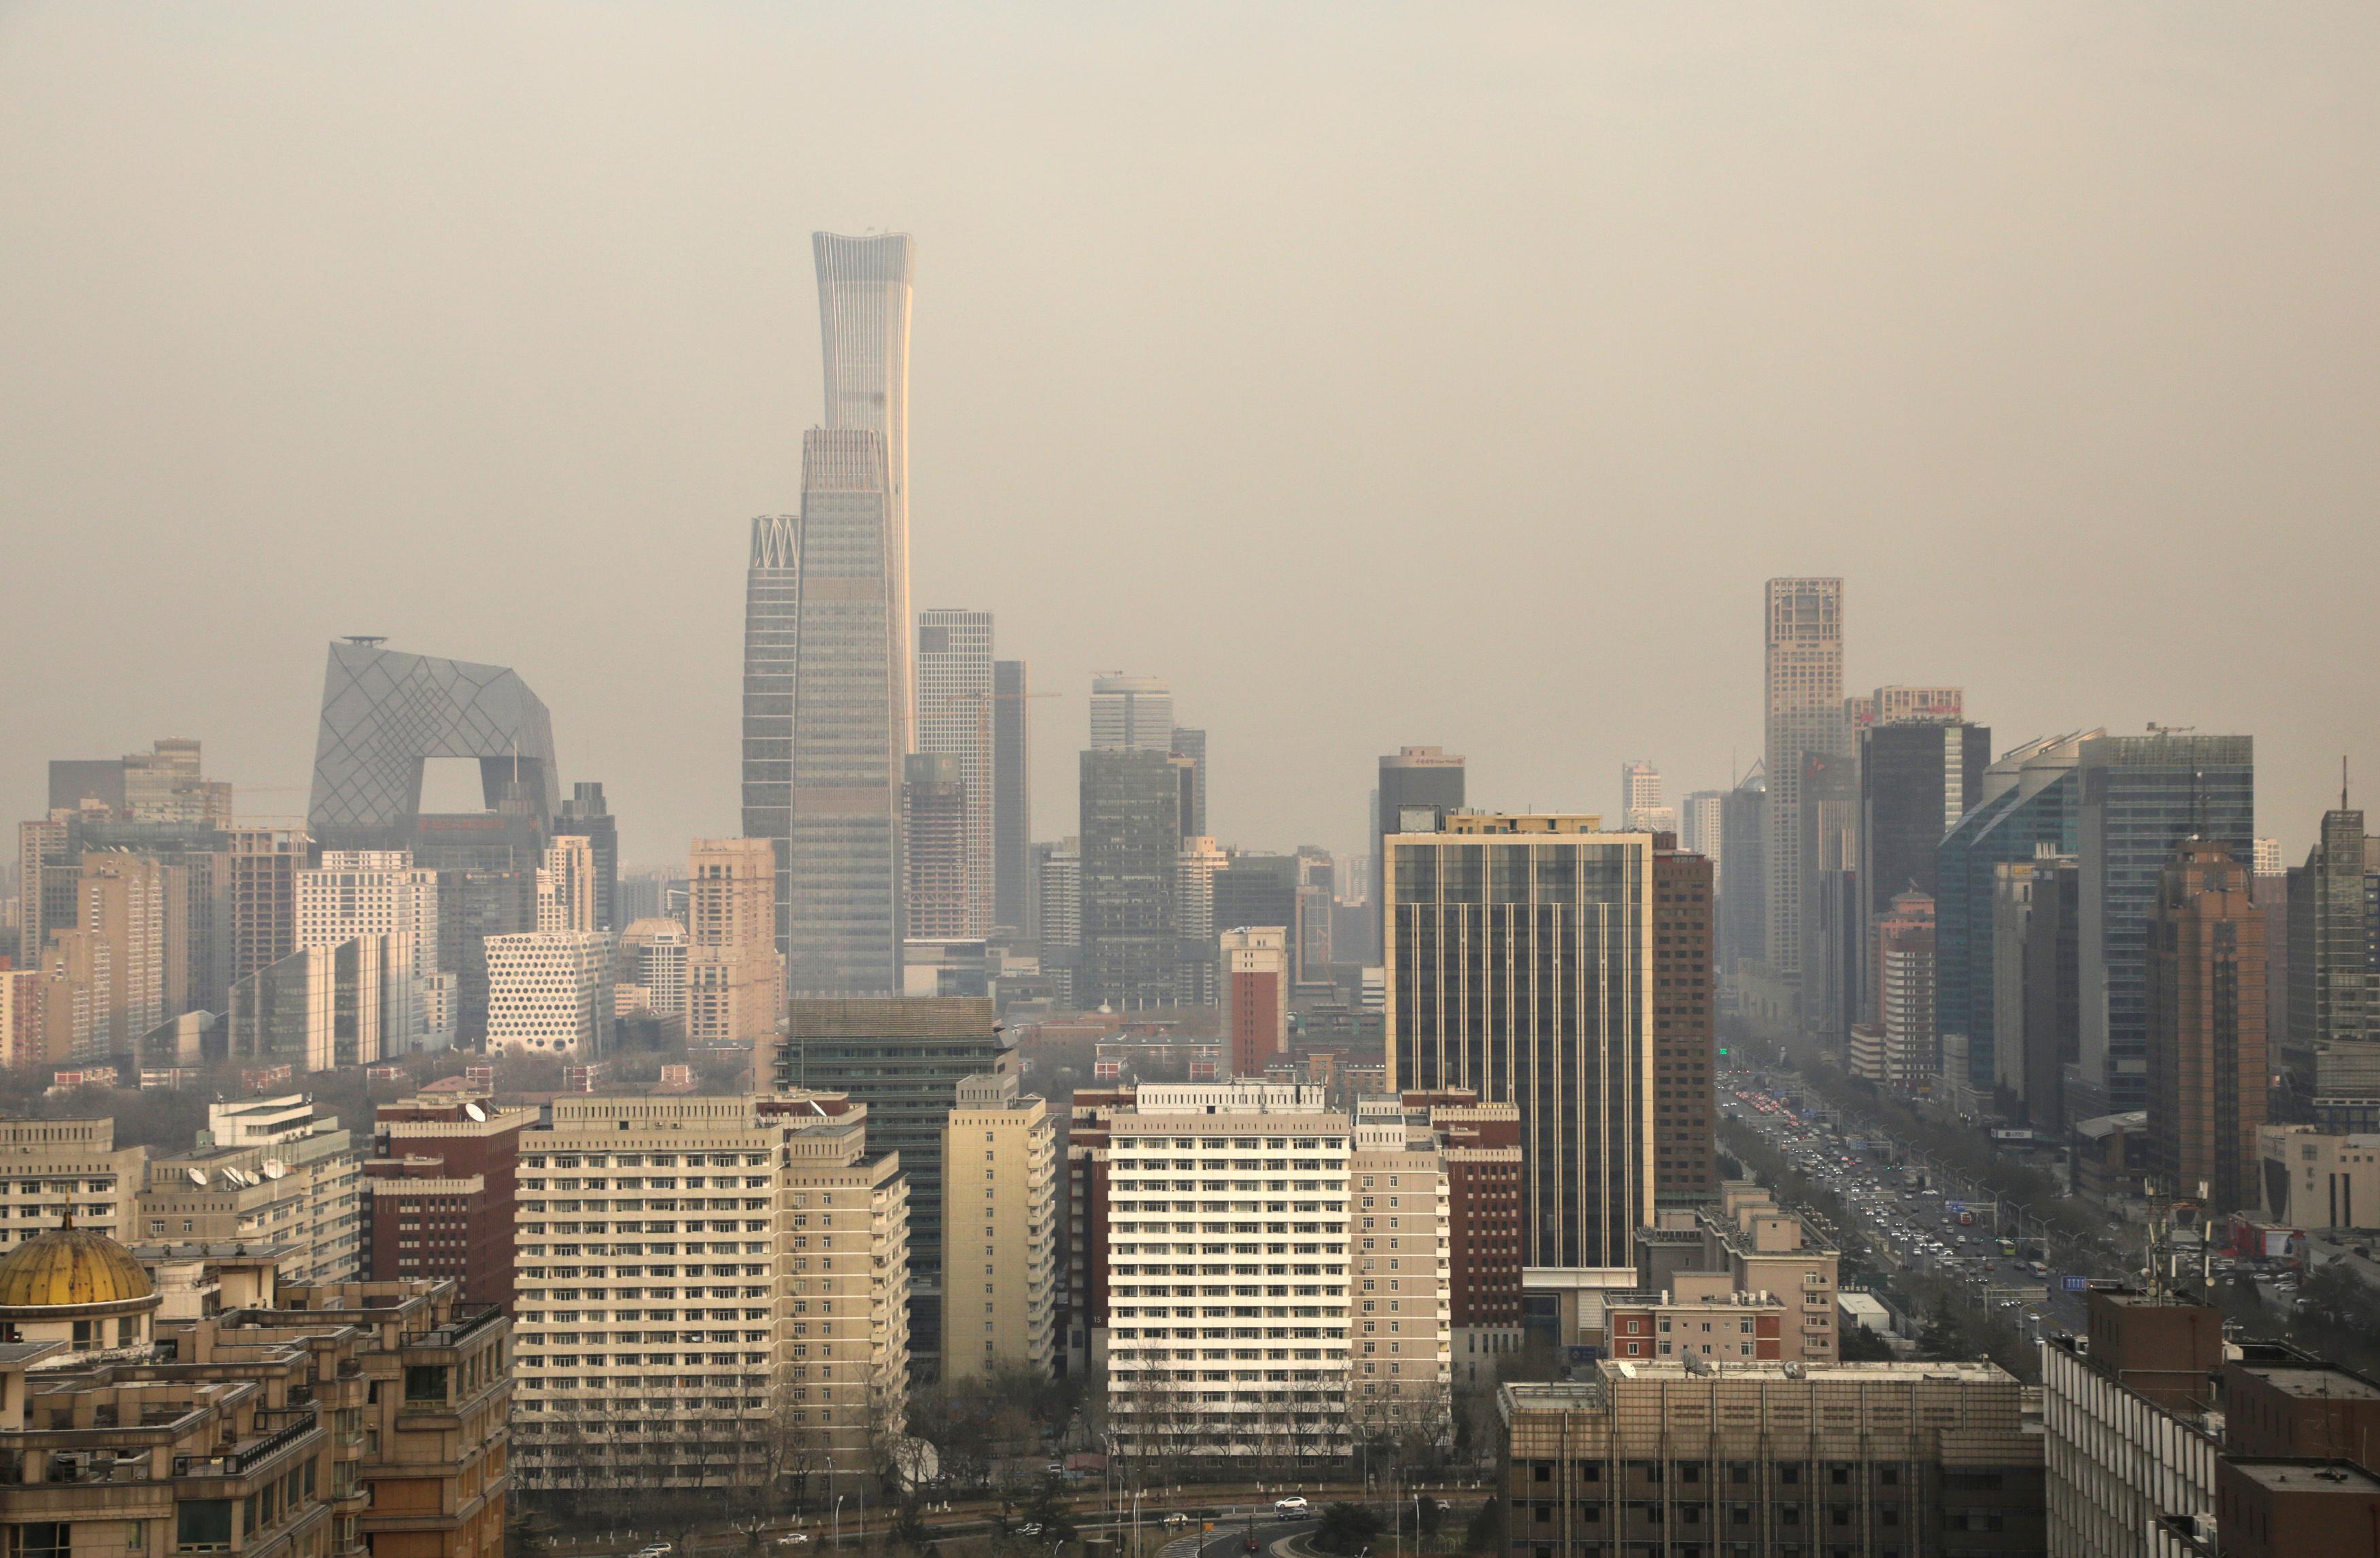 Chinese Authorities Detain Bloomberg News Staffer in Beijing